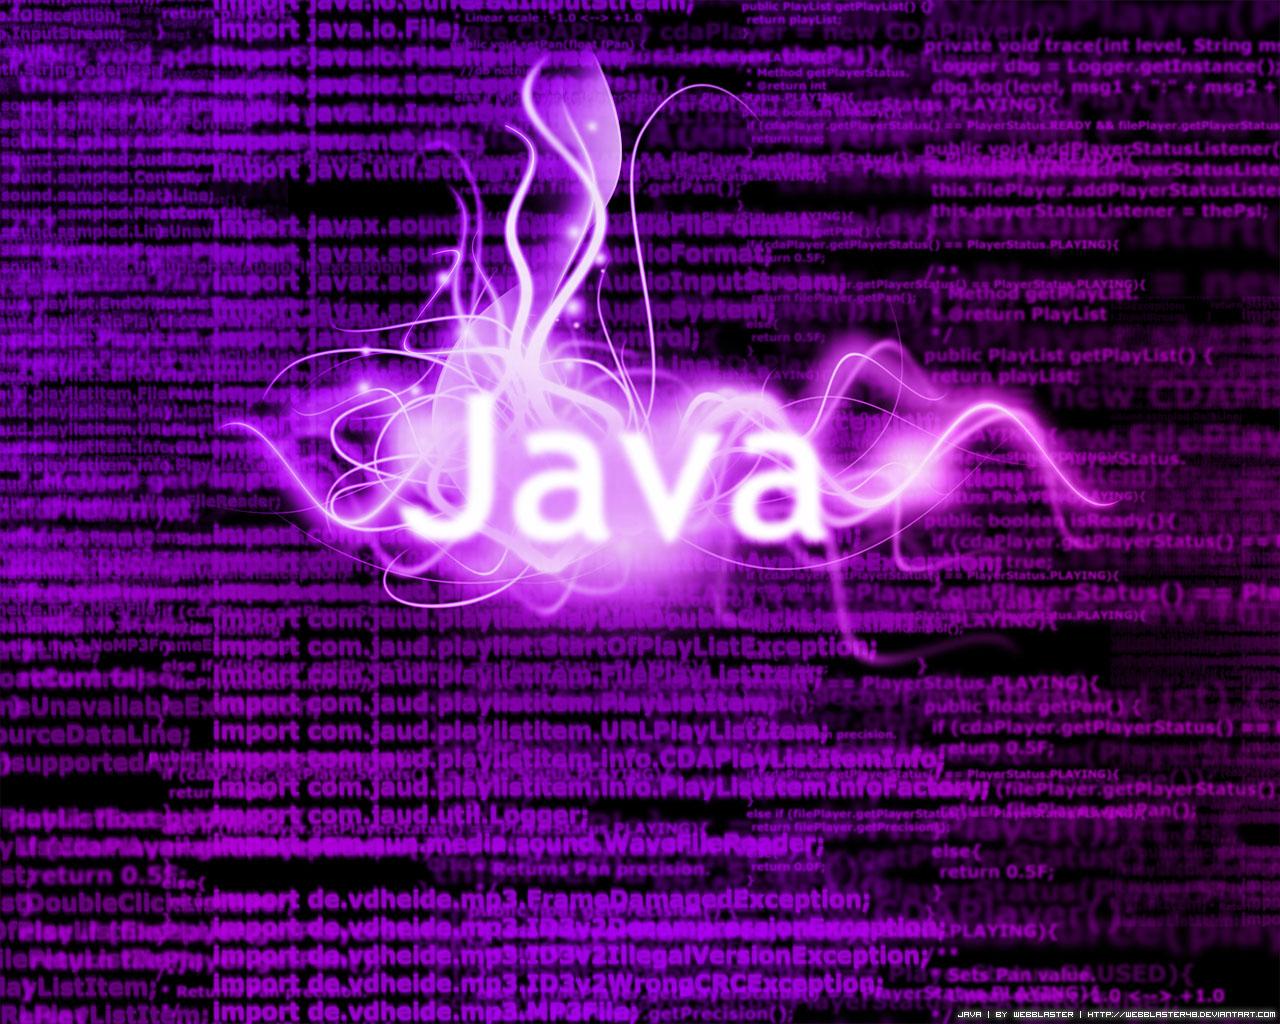 Code Wallpapers Java Code Myspace Backgrounds Java Code Backgrounds 1280x1024